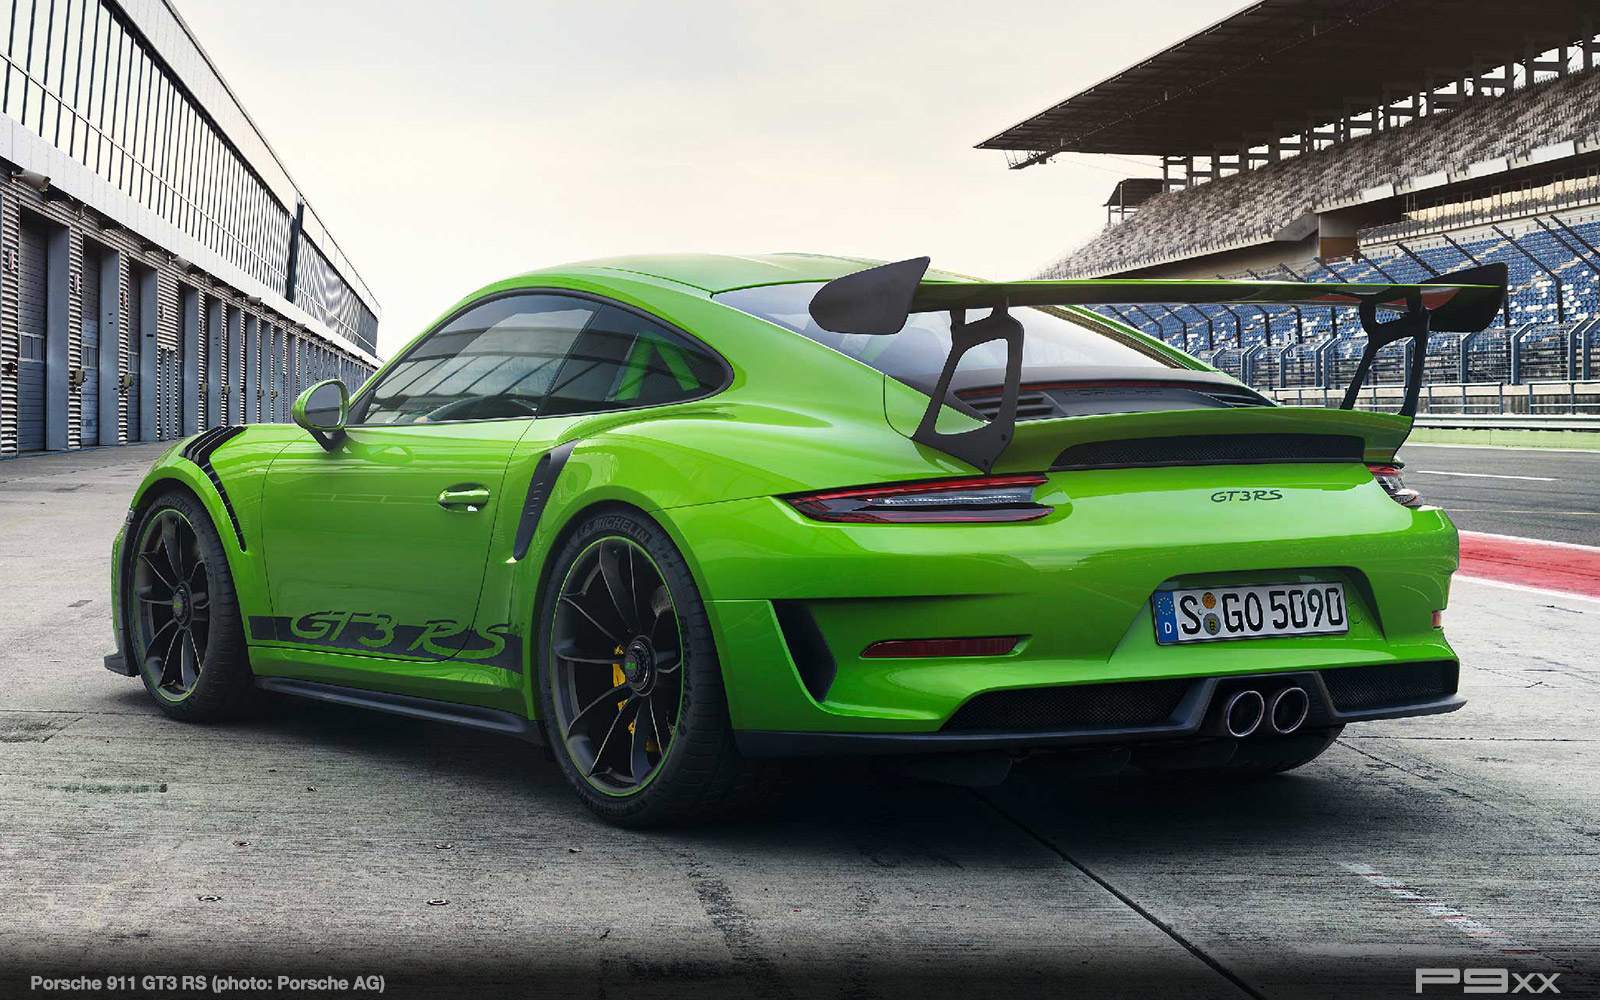 Porsche-911-GT3-RS-991-2-9912-287